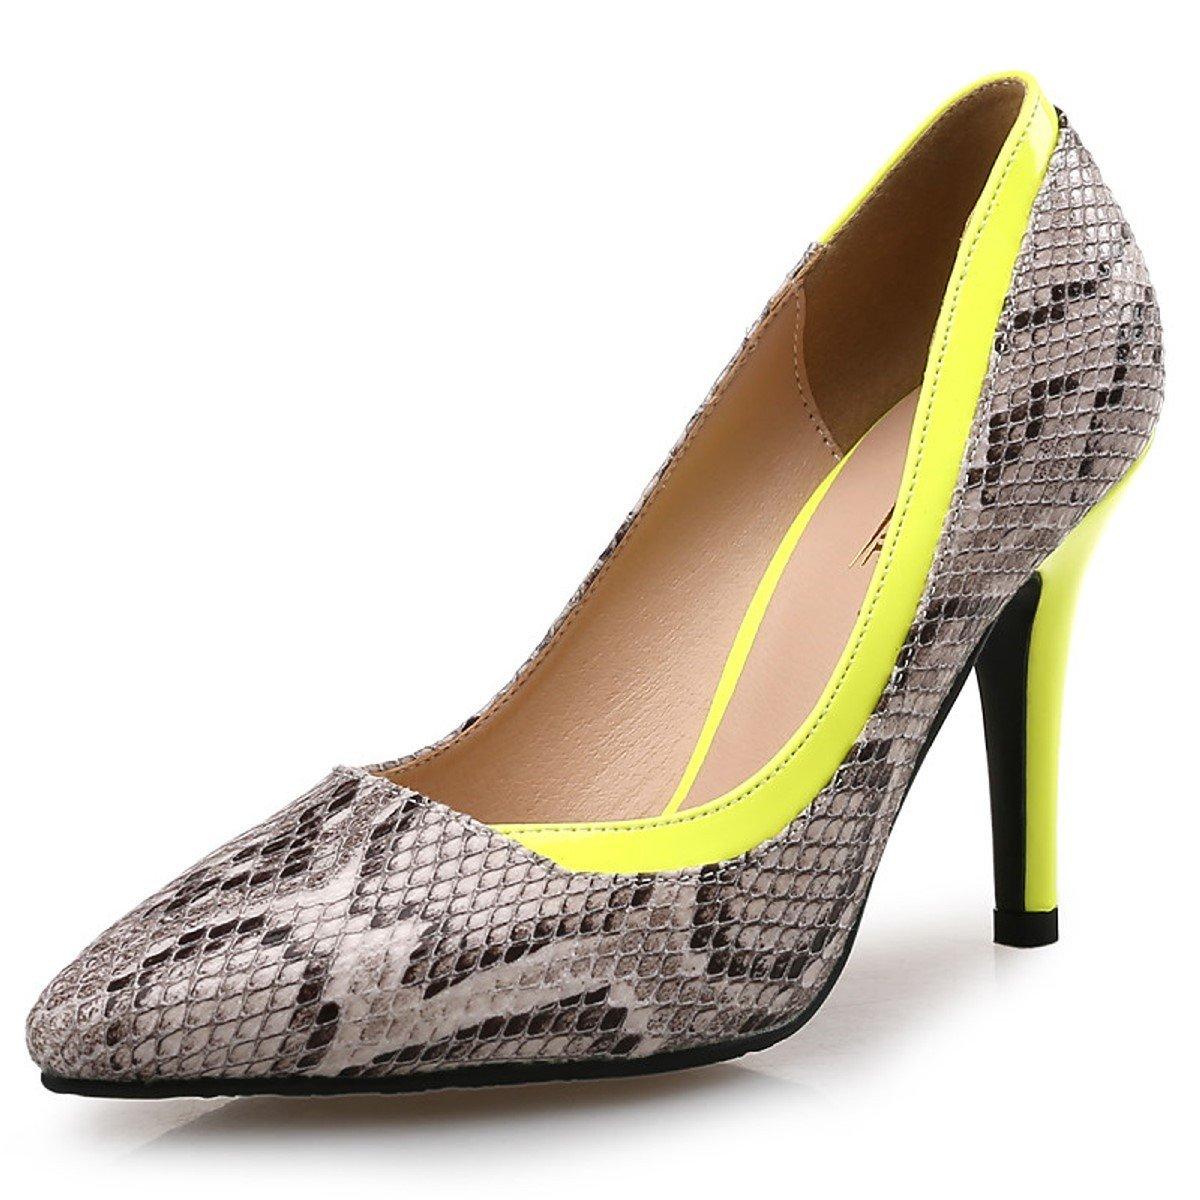 DIMAOL Damenschuhe Synthetische Microfaser PU Feder Fallen Komfort Heels Stiletto Heel Schuhe geteilten Gemeinsamen für Party & Abendkleid Fuchsia